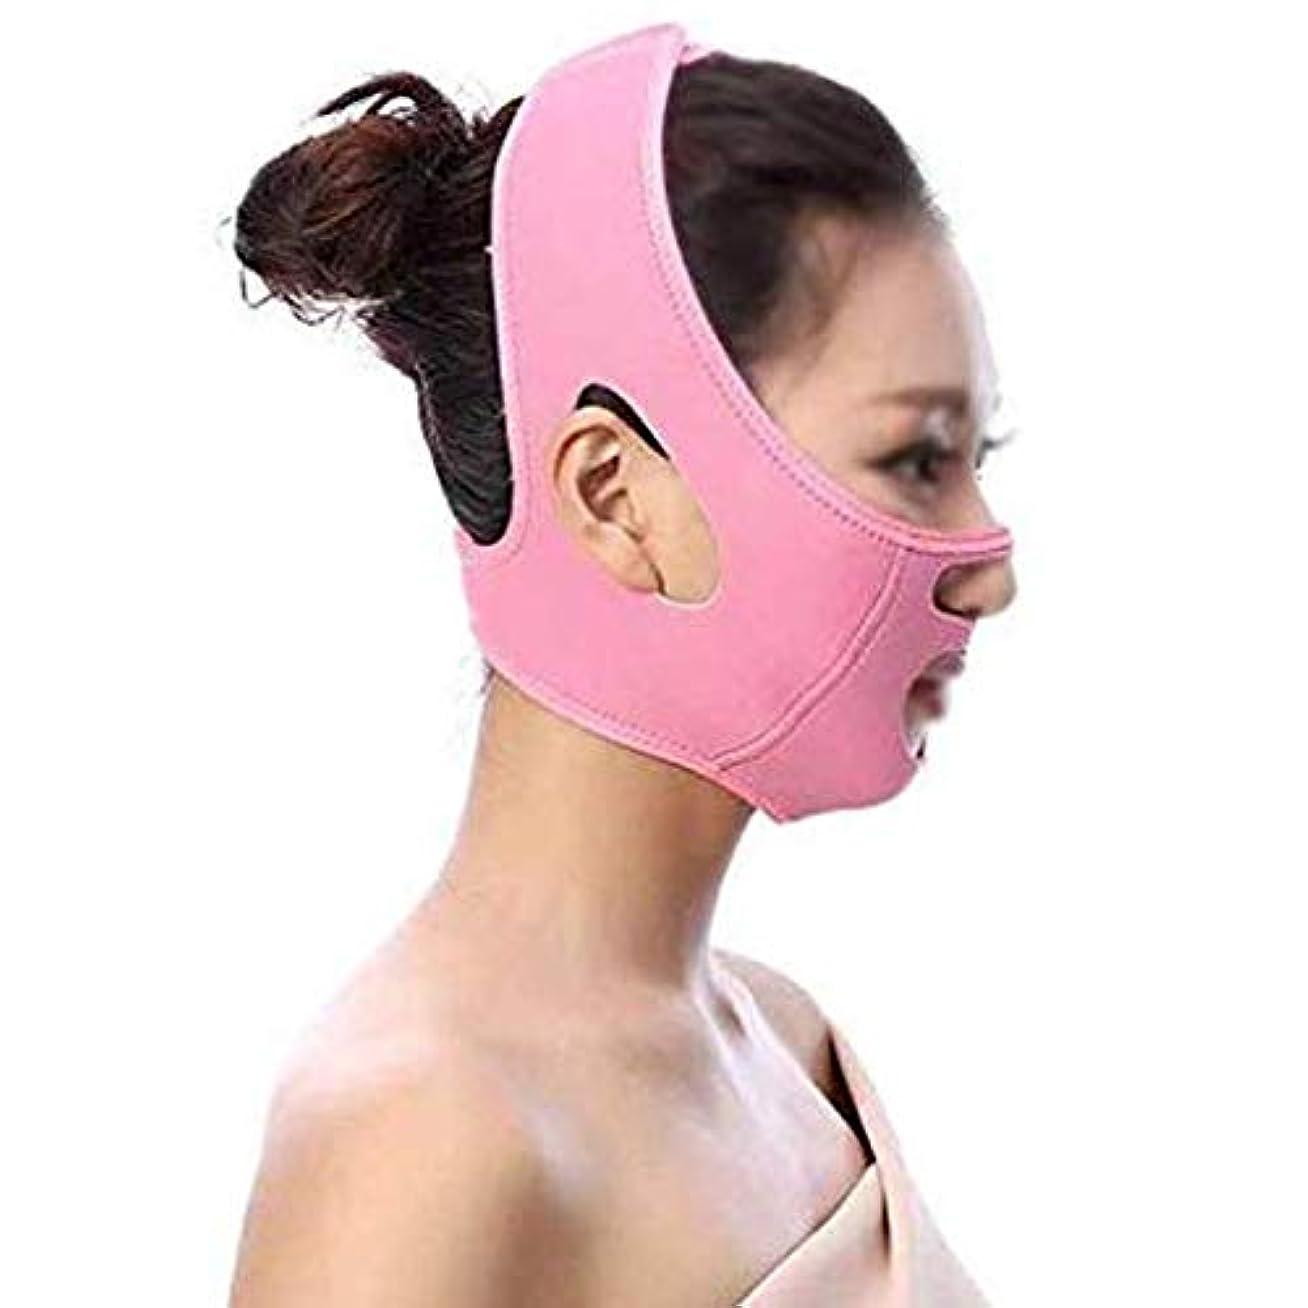 シンプルさ定期的などれHUYYA ファーミングストラップリフティングフェイスリフティング包帯、ダブルチンヘルスケア V字ベルト補正ベルト フェイスマスクスキンケアチン,Pink_Large